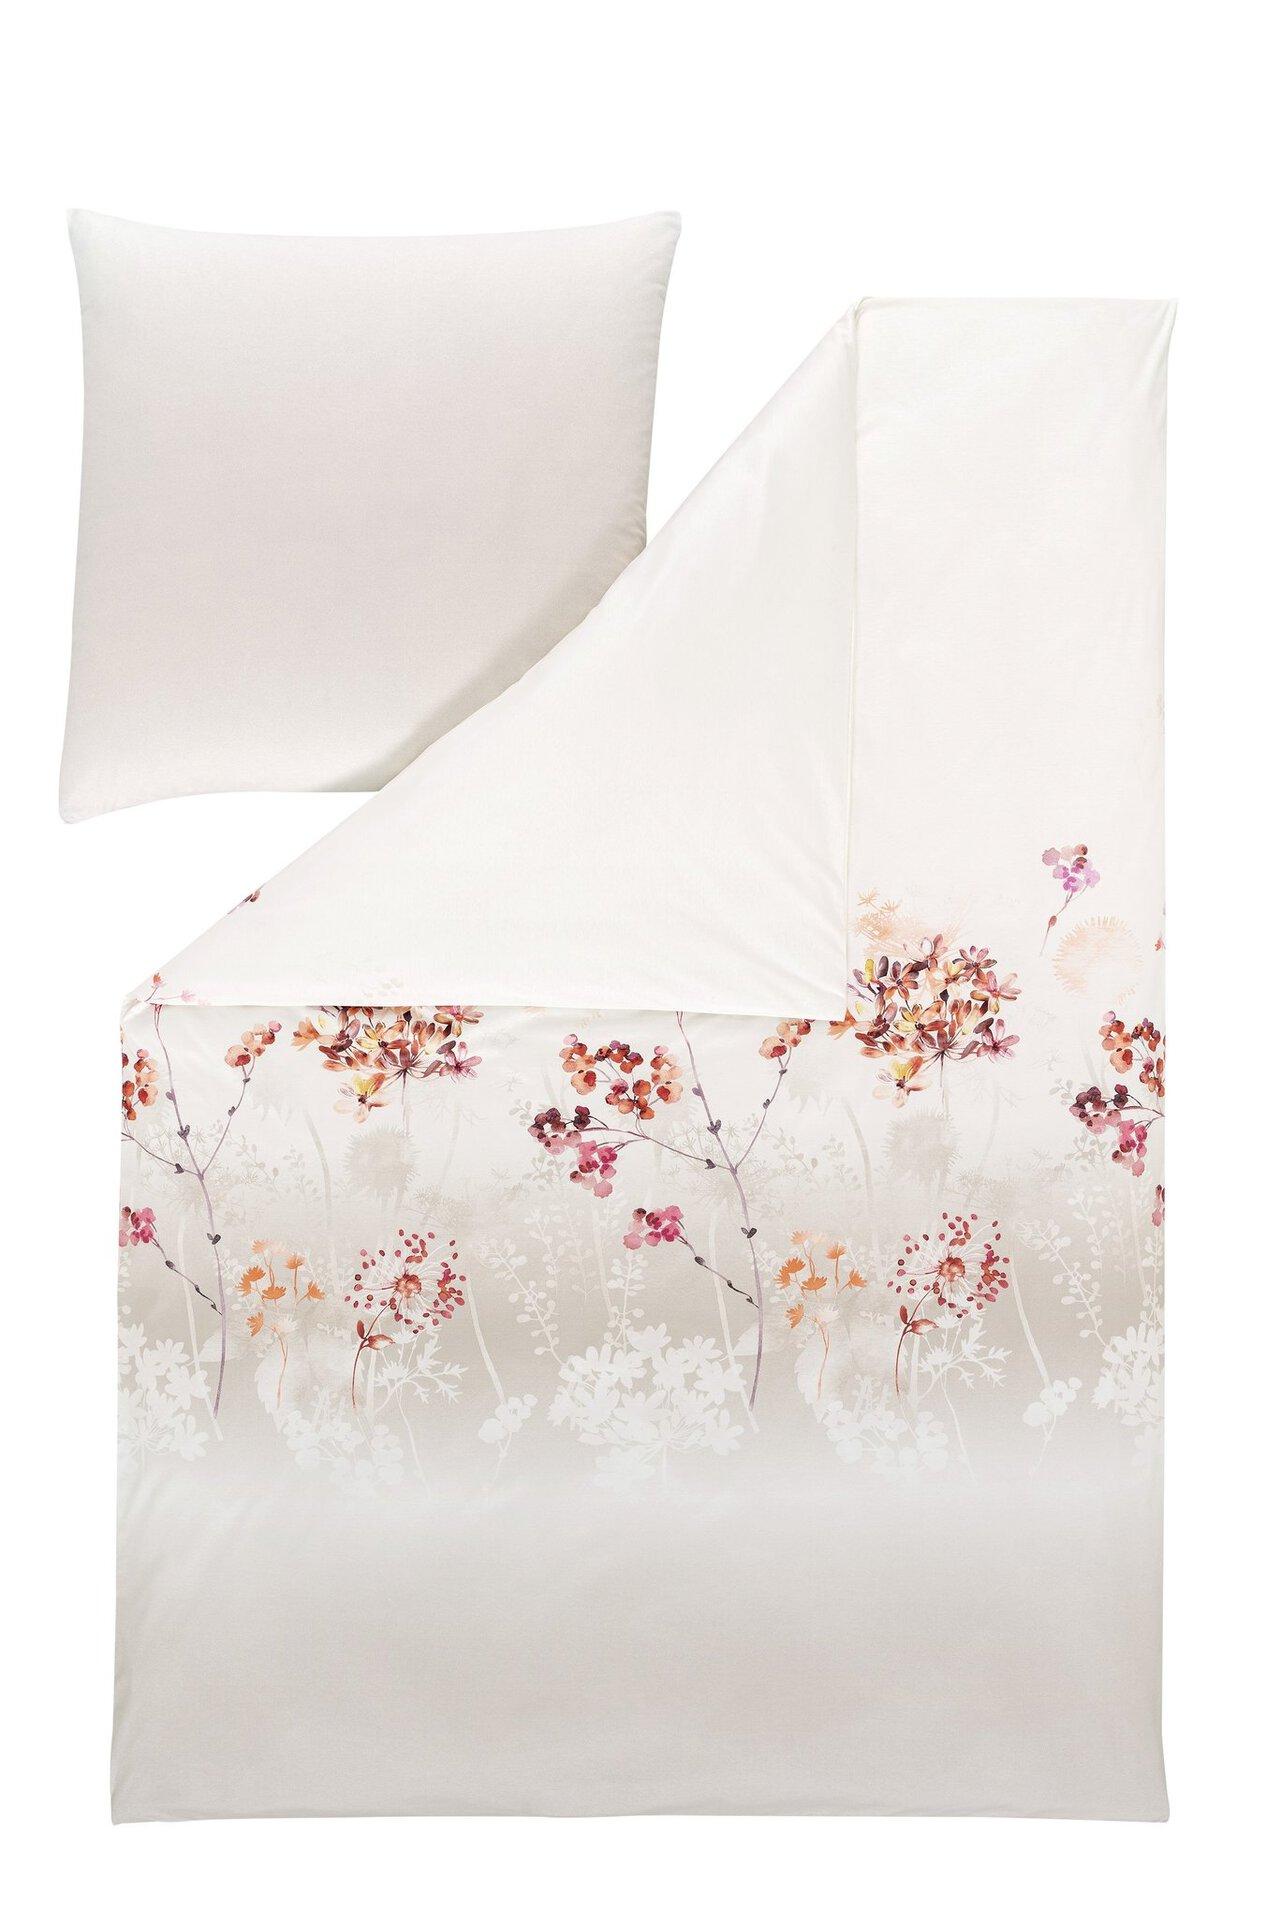 Jersey-Bettwäsche Allegra Estella Textil beige 135 x 200 cm